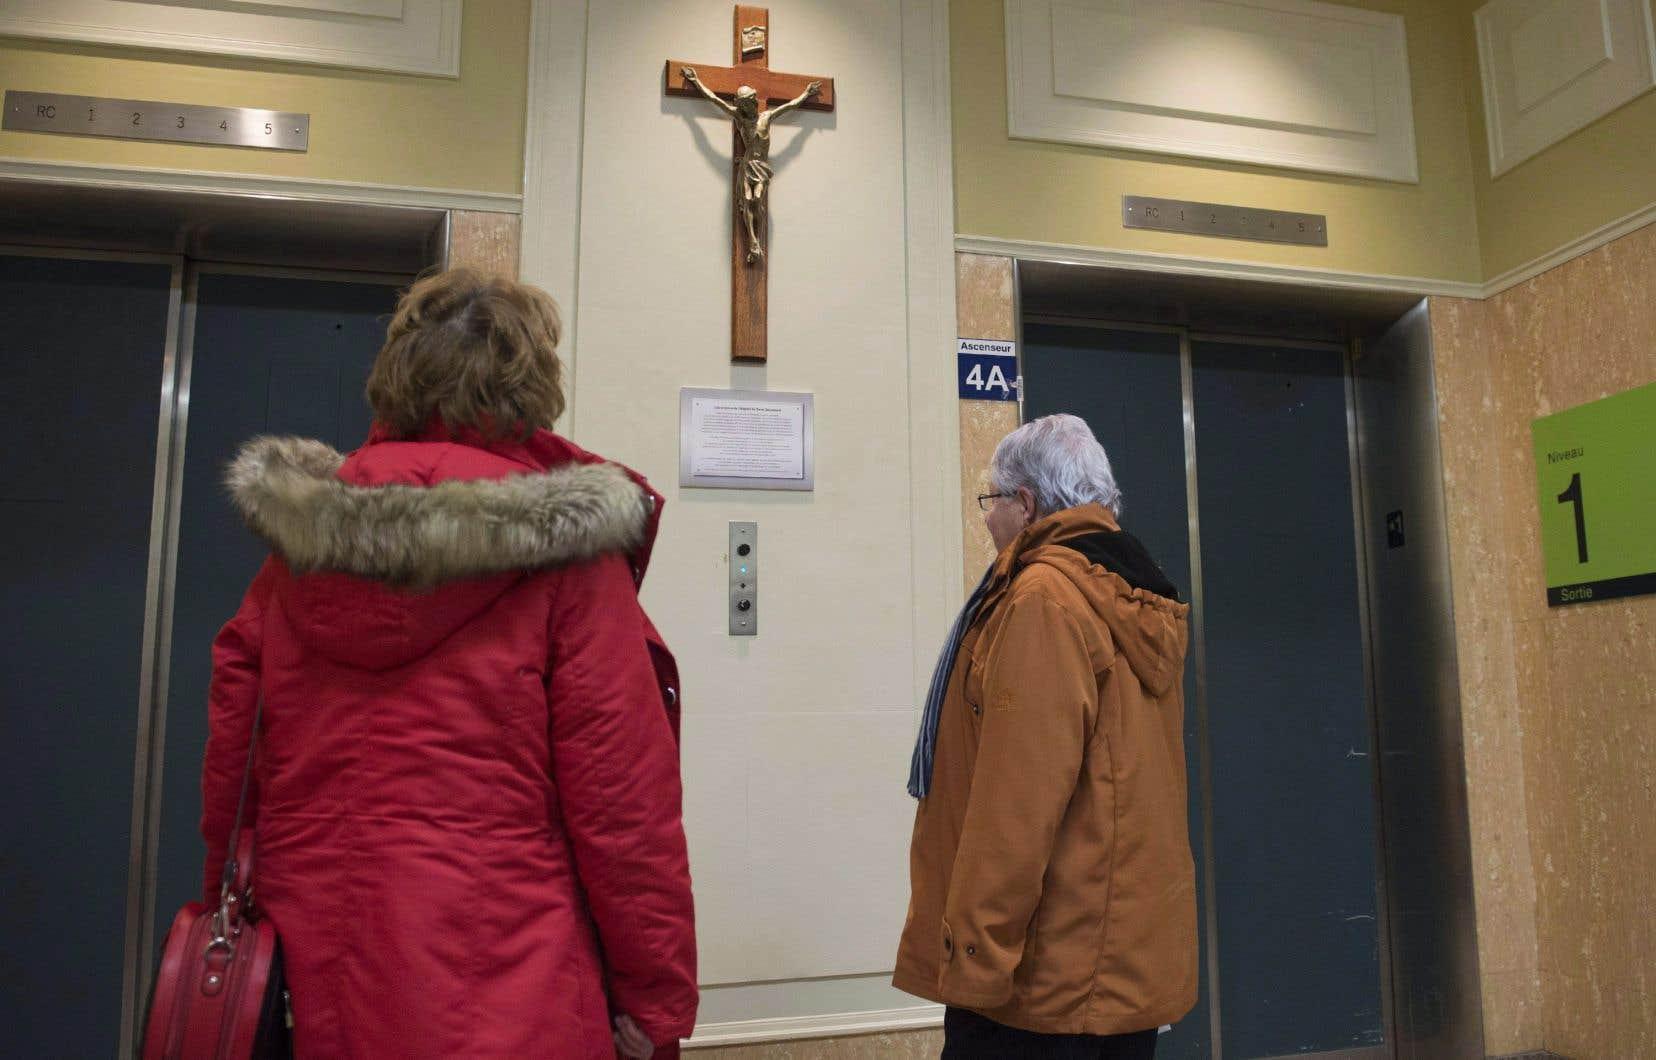 Le crucifix, symbole religieux chrétien exposé dans les hôpitaux, les classes de cours,etc. représente notre patrimoine et non pas notre foi, estime l'auteure.